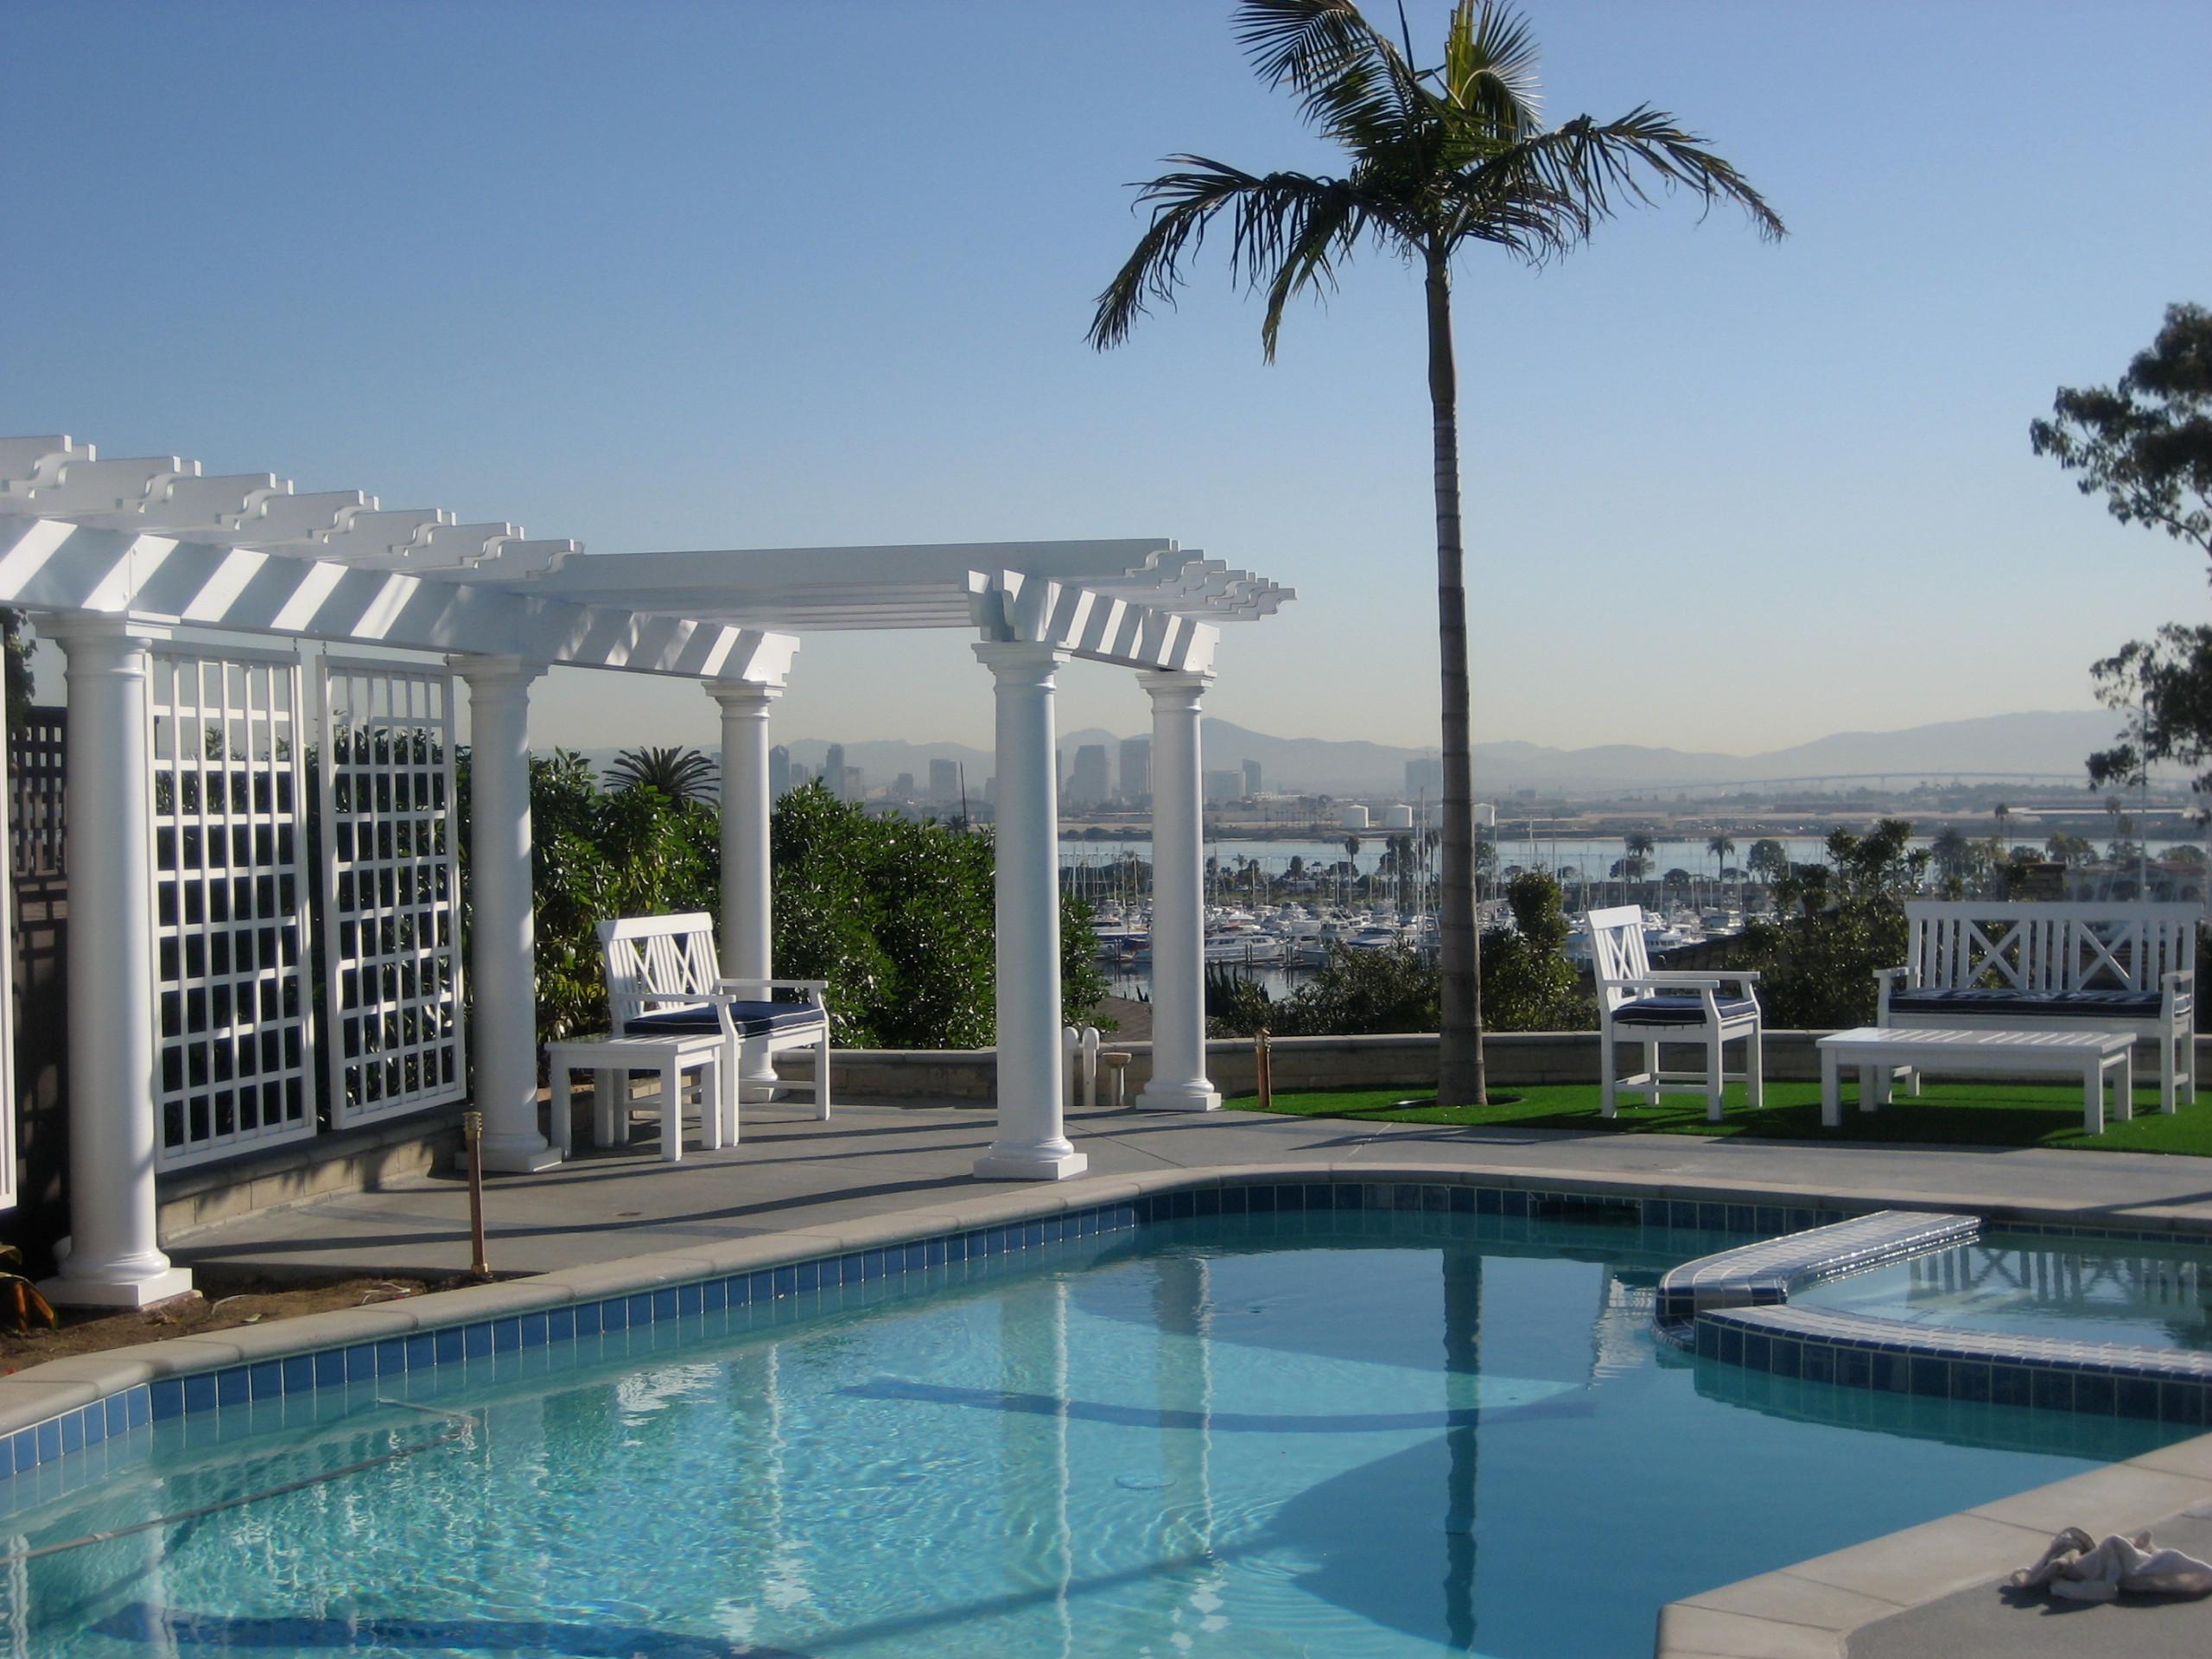 Harborview pool